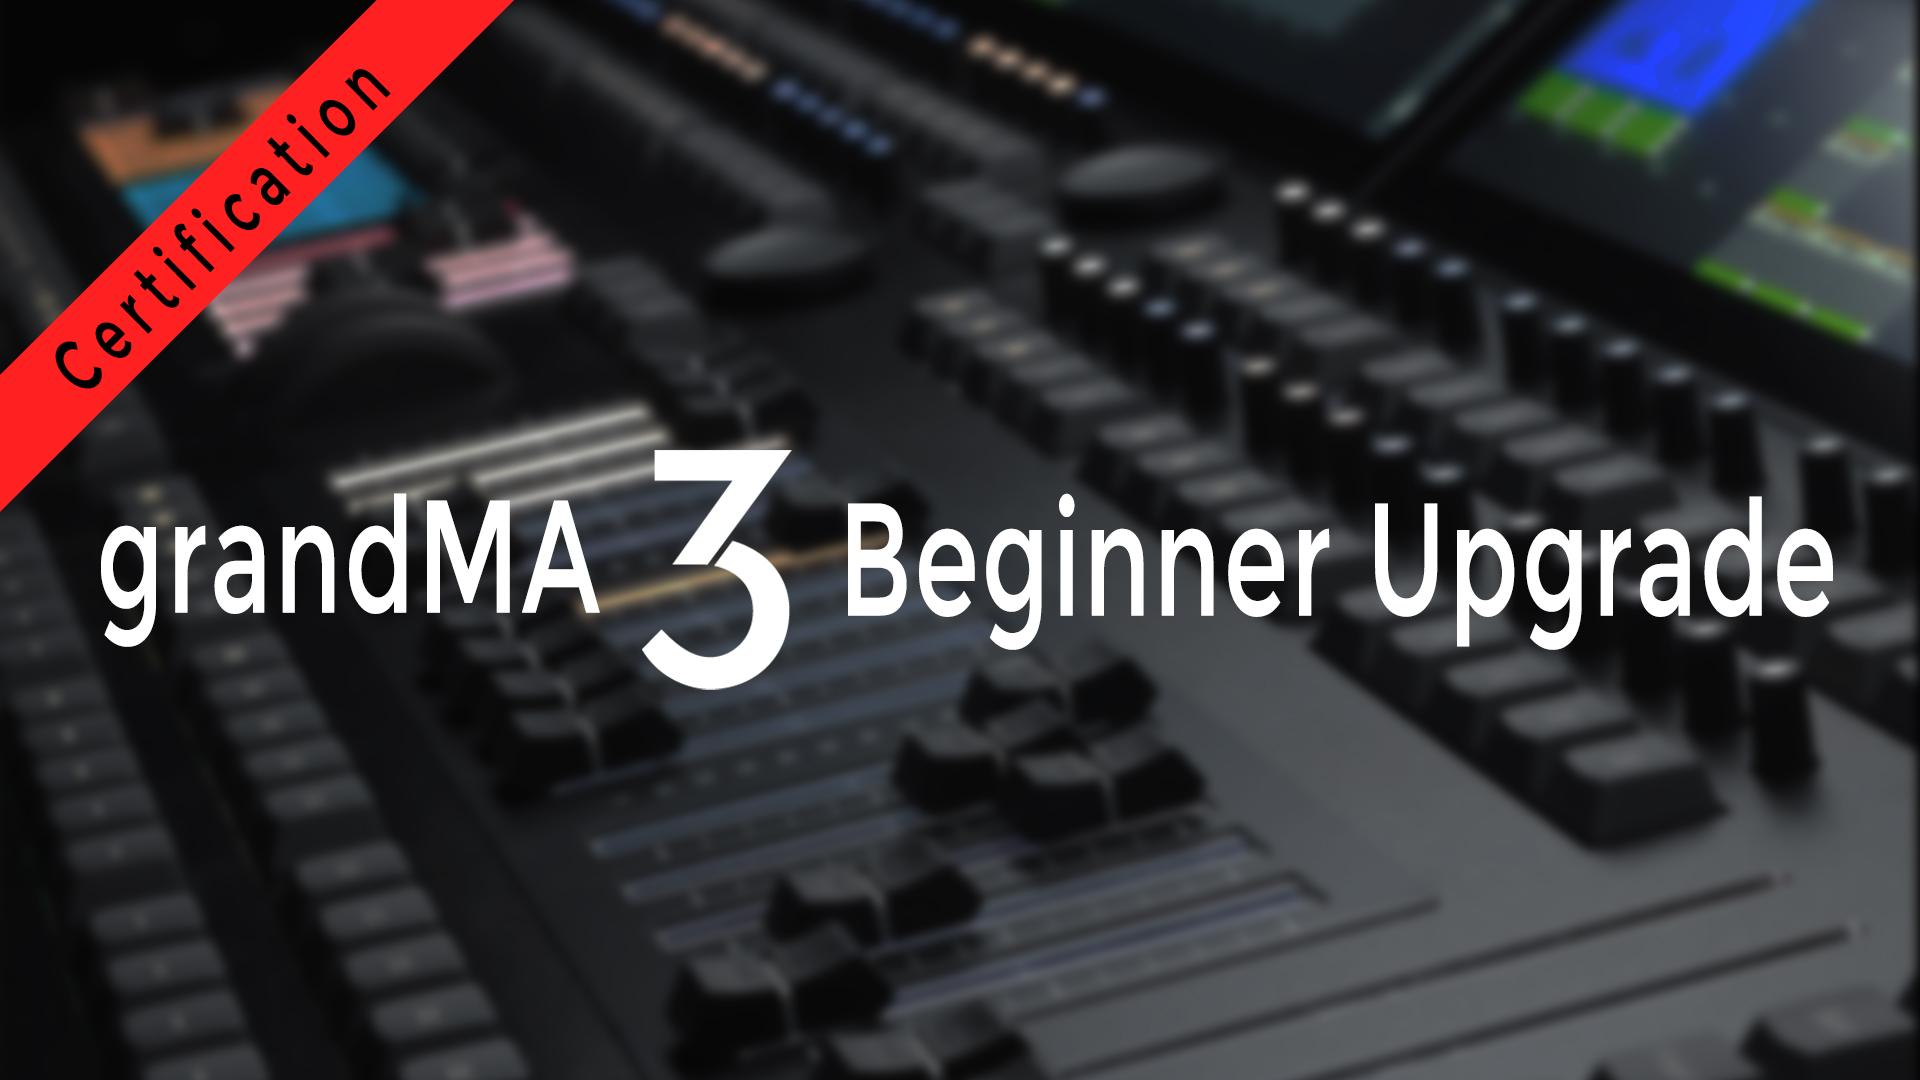 grandMA3 Pro Beginnner Upgrade